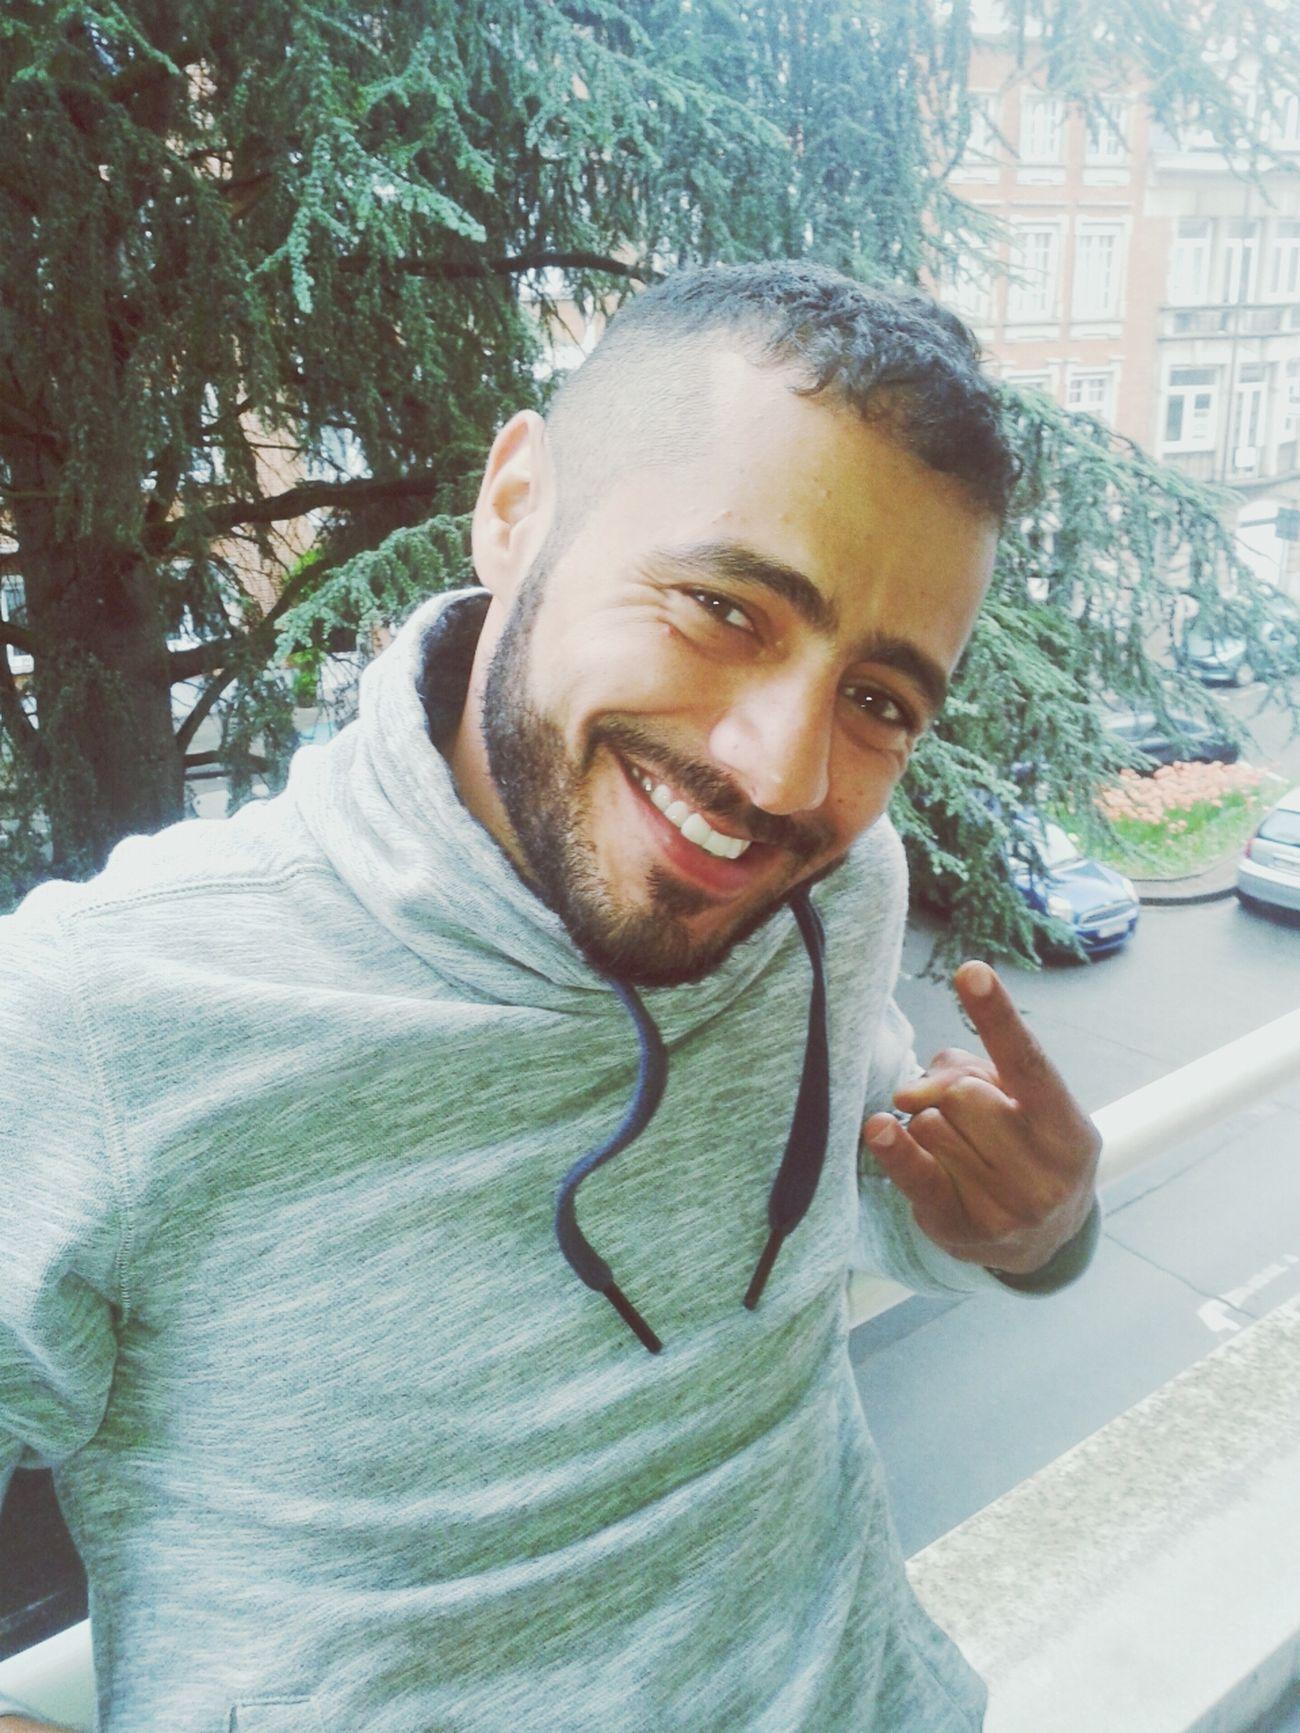 lml ;-) hi Hi! That's Me